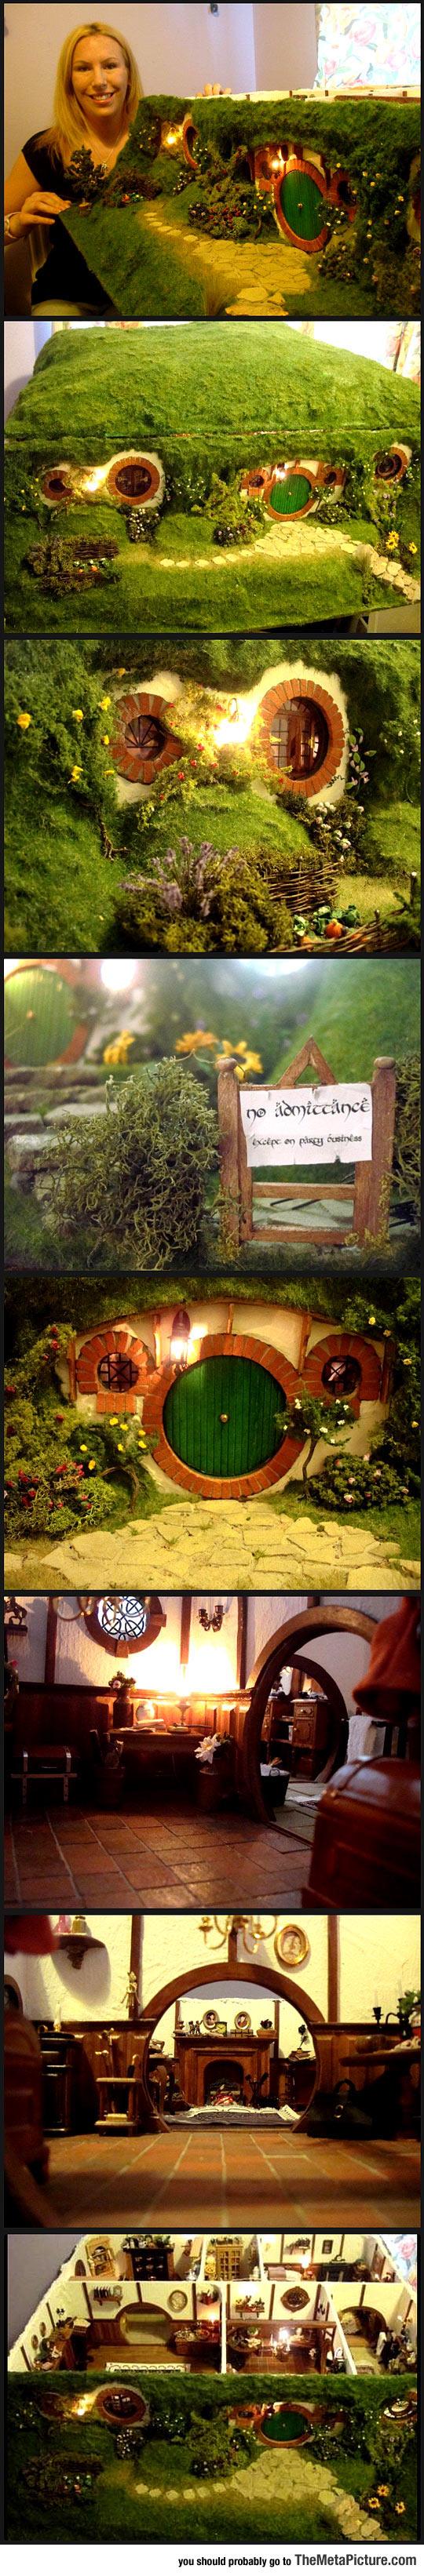 Ever Seen A Hobbit Dollhouse?